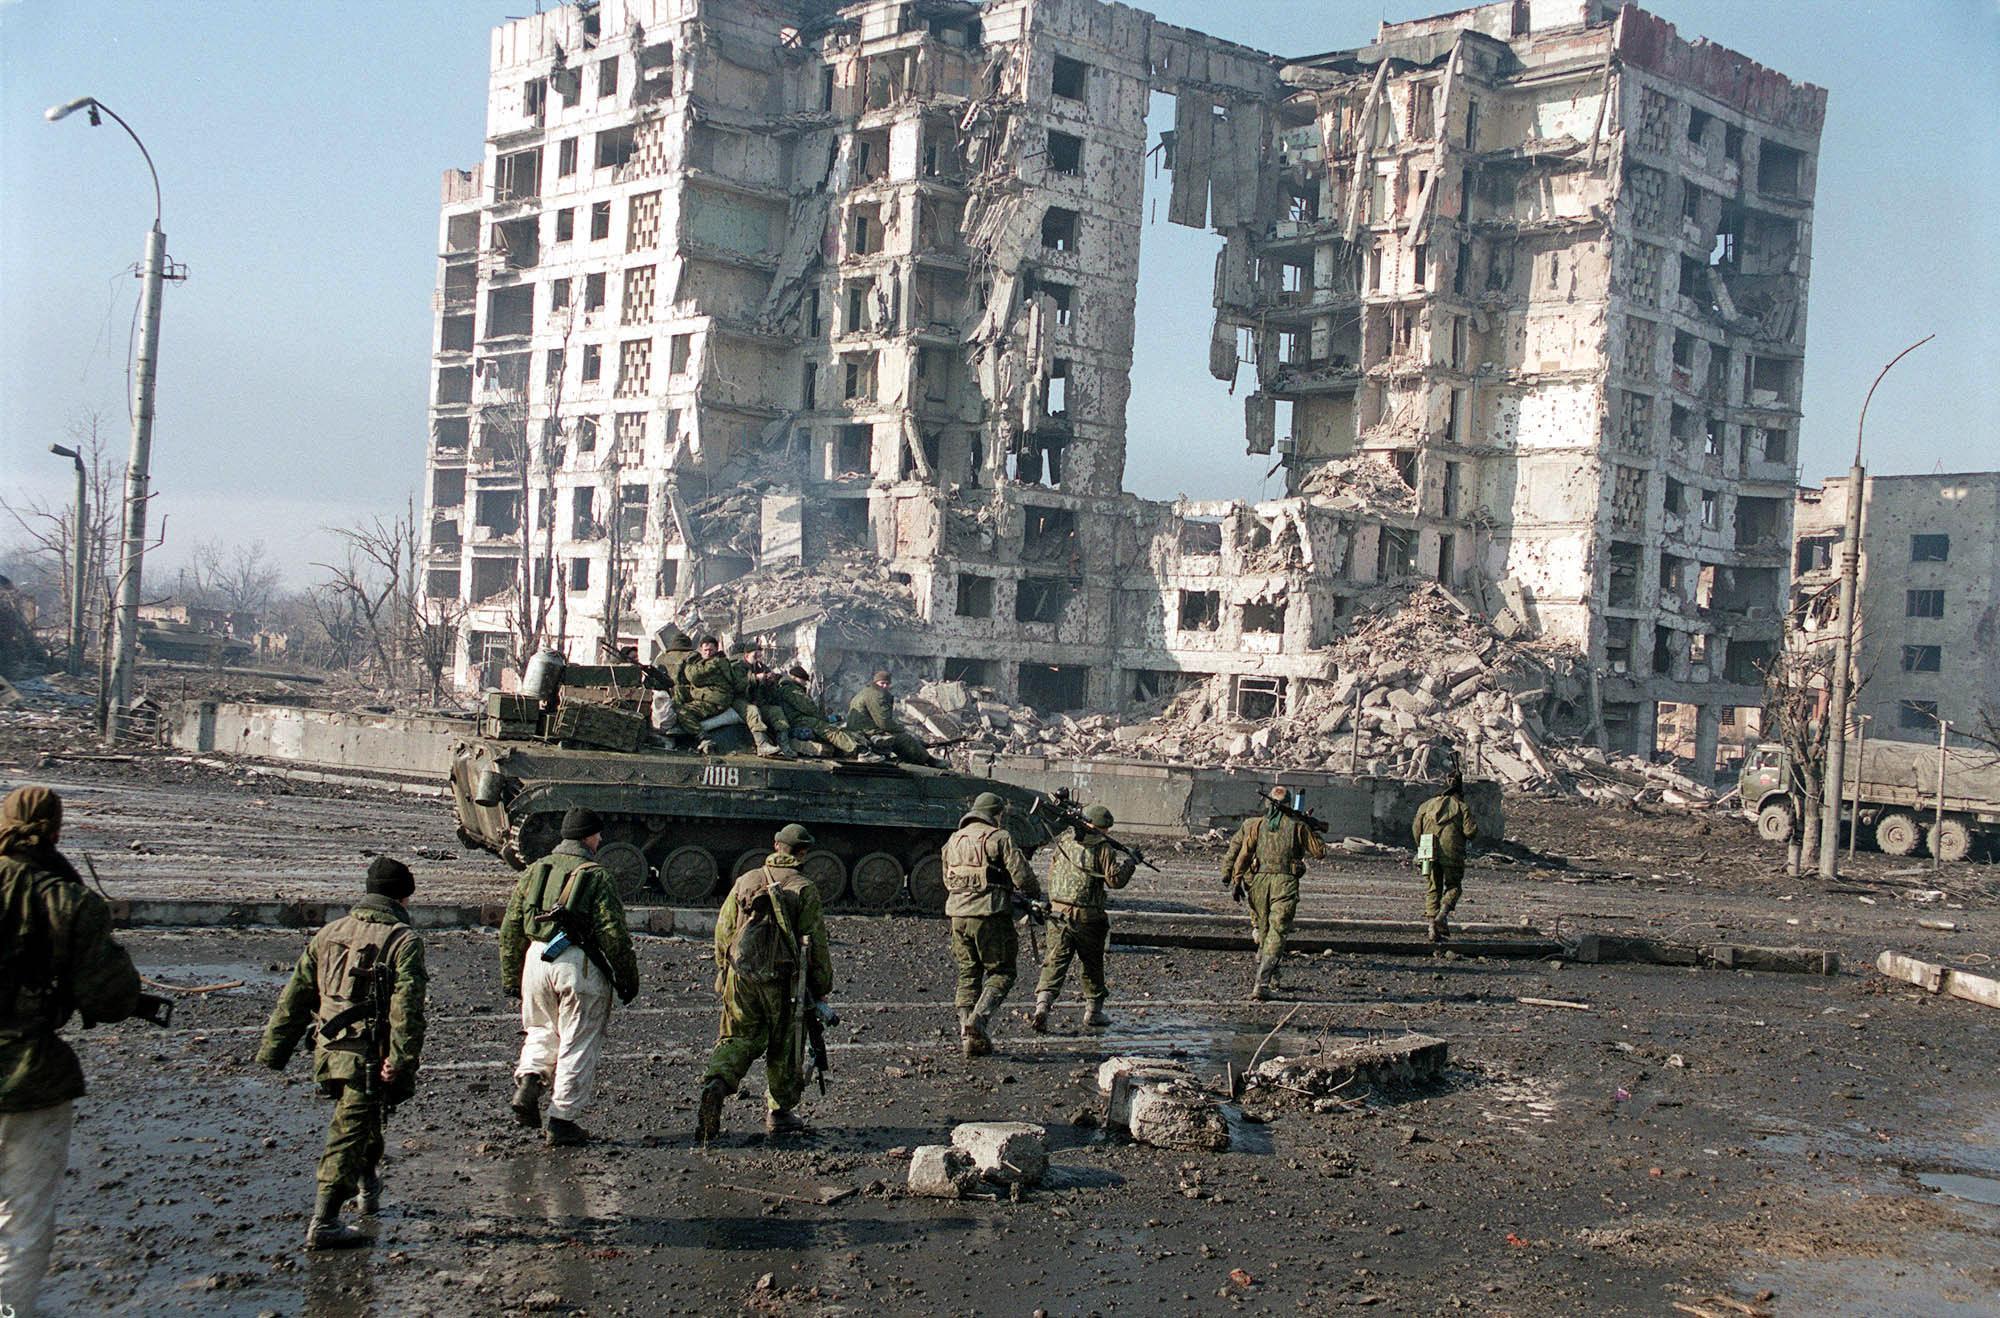 """""""Грады"""" террористов лупили по жилому сектору в Гранитном. Разрушено 4 дома, - 0629 - Цензор.НЕТ 7558"""